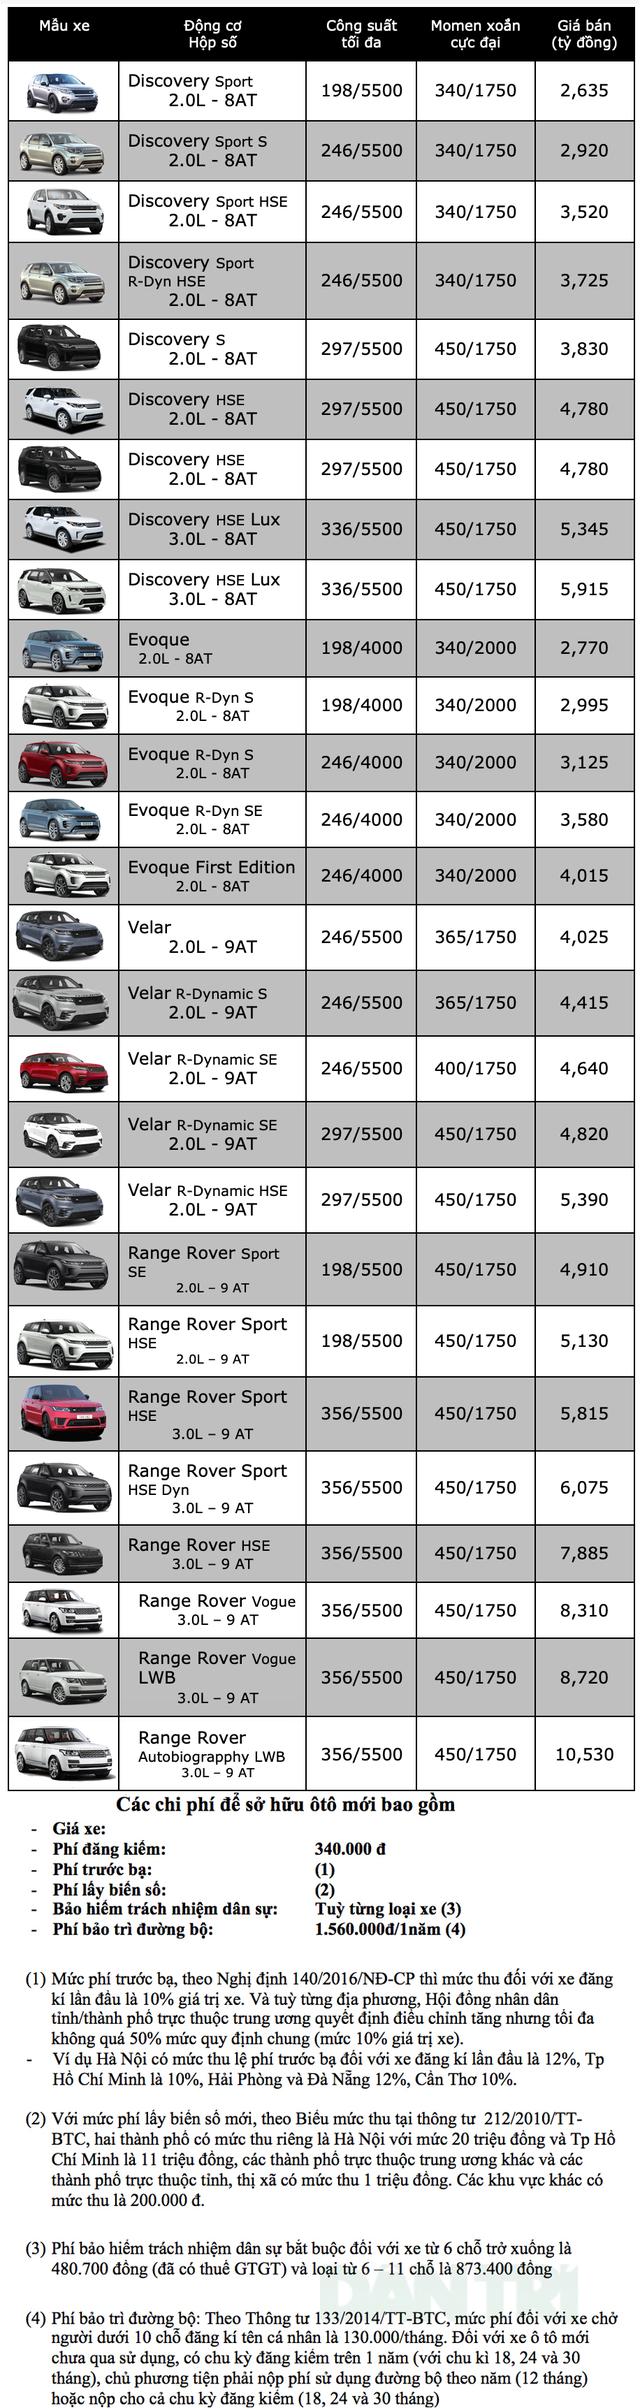 Bảng giá Land Rover tháng 6/2020 - 1